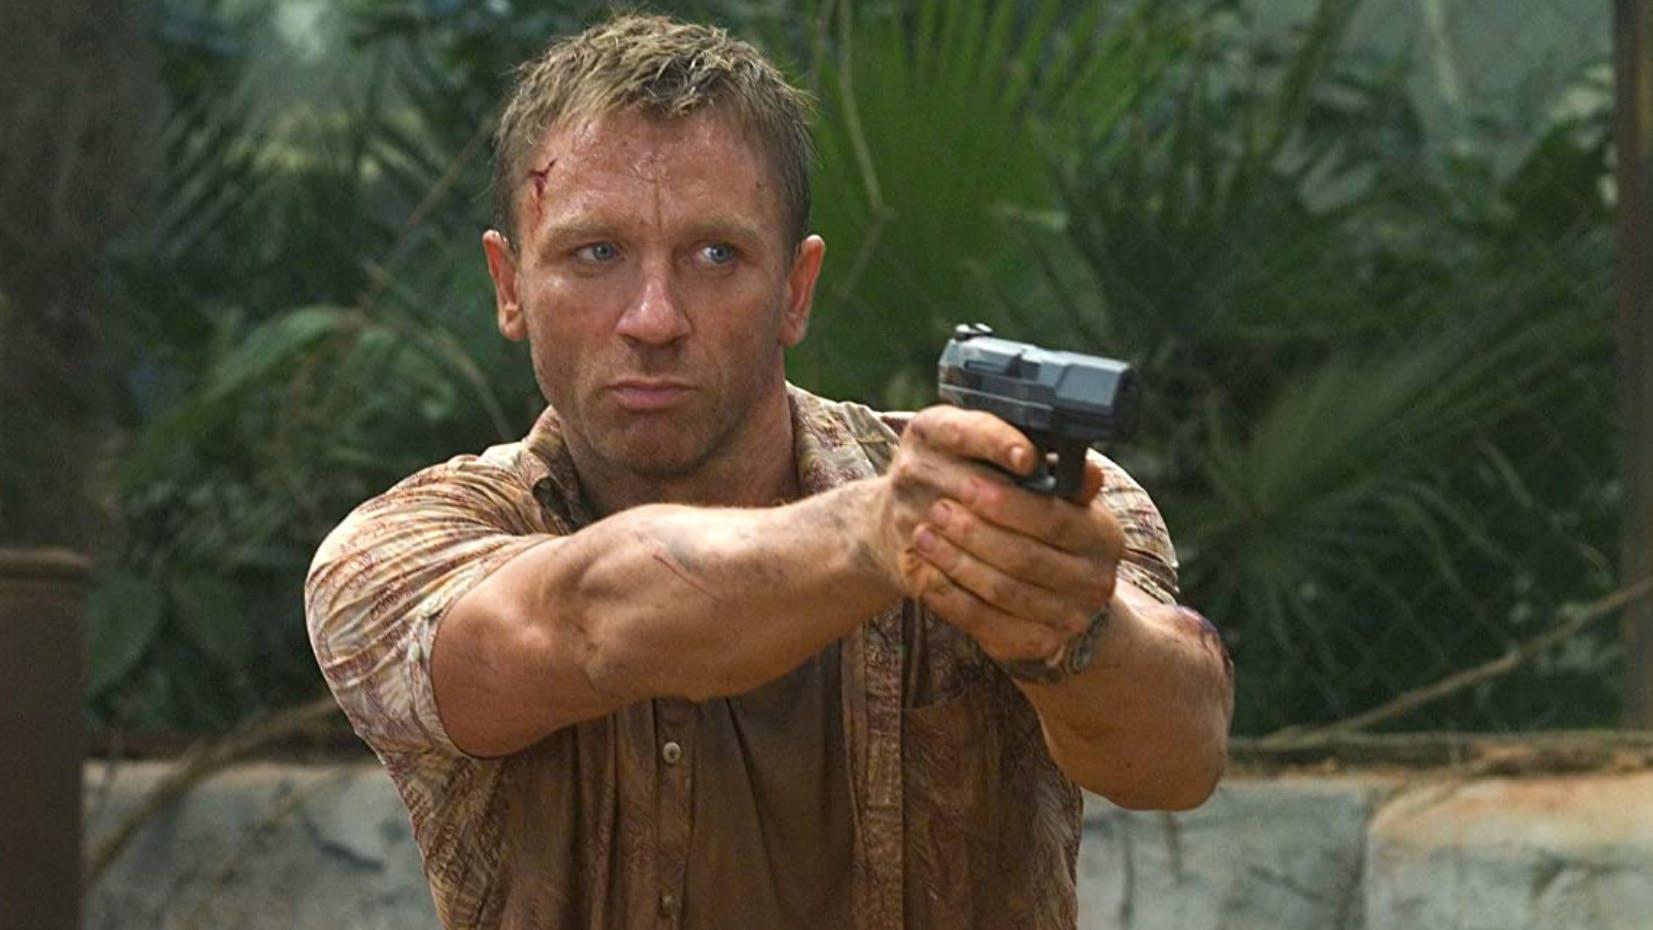 Es dauerte eine Weile, bis sich das Publikum mit ihm angefreundet hat: Daniel Craig als Bond in «Casino Royale».